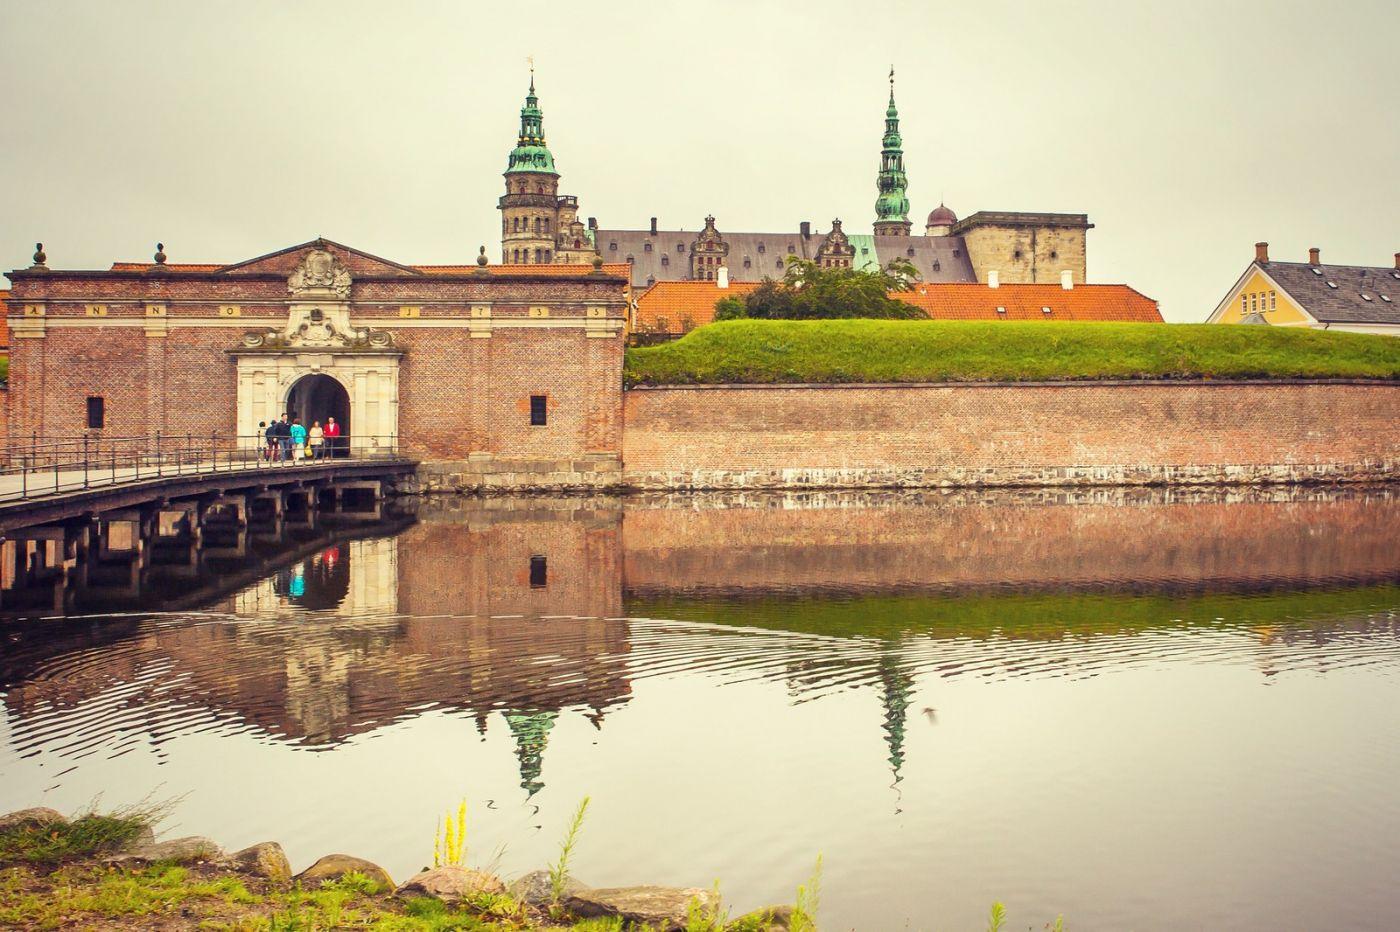 丹麦腓特烈堡城堡,当年的风采_图1-12